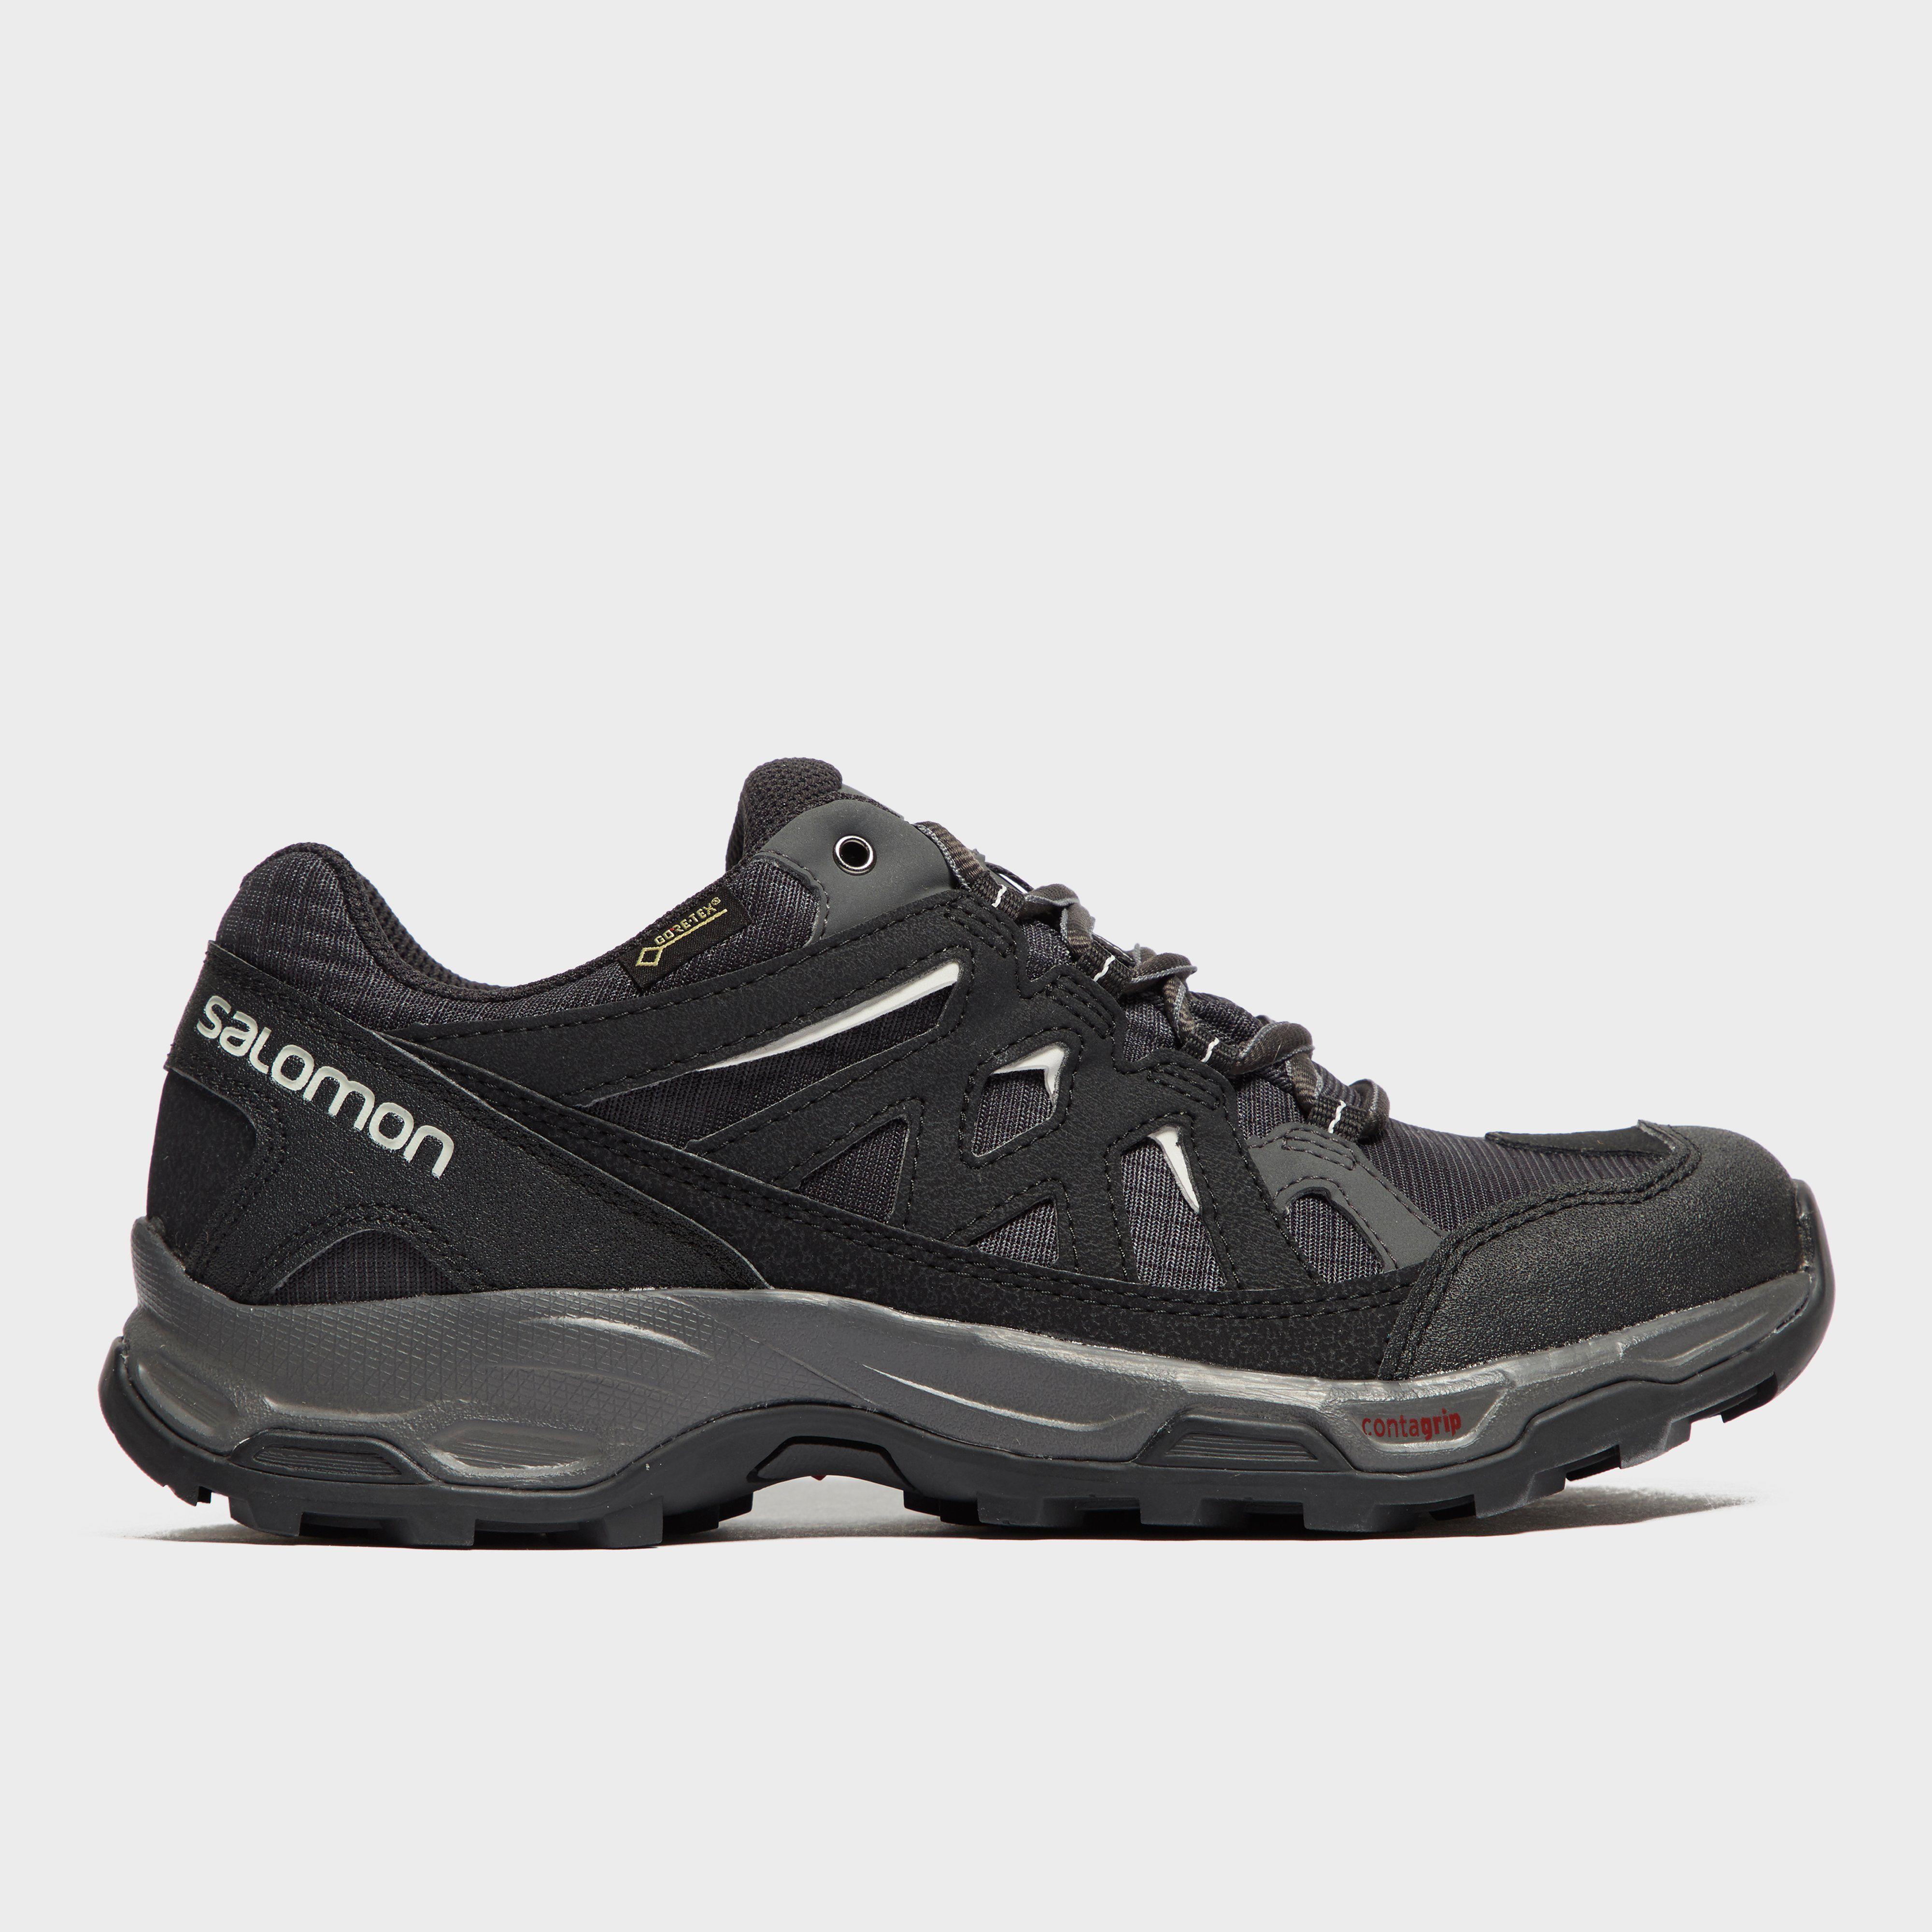 SALOMON Women's Effect GORE-TEX® Shoes